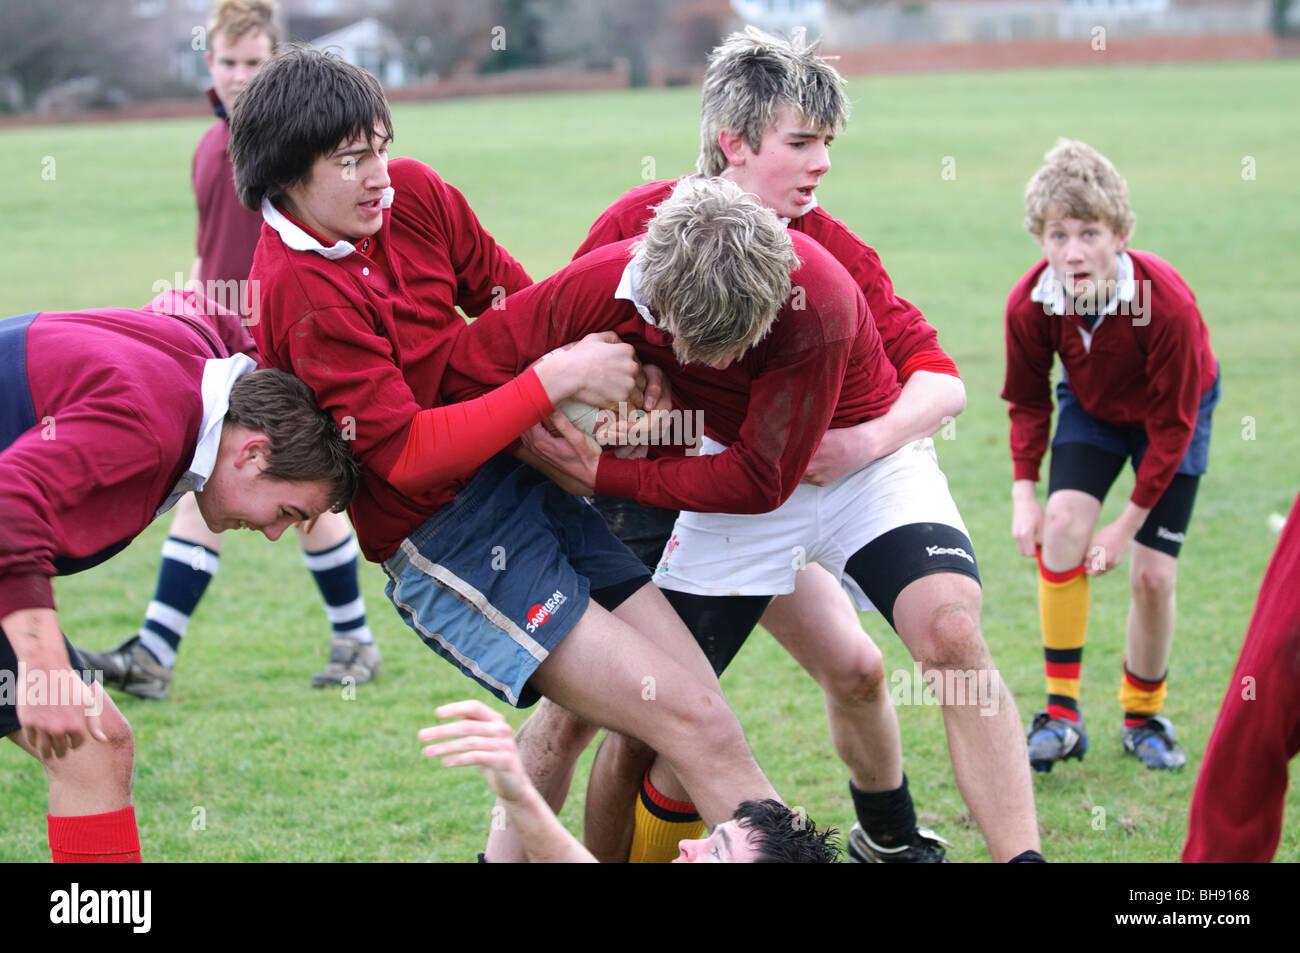 Muchachos adolescentes jugando un partido de rugby, el deporte y los juegos de educación física en la Imagen De Stock